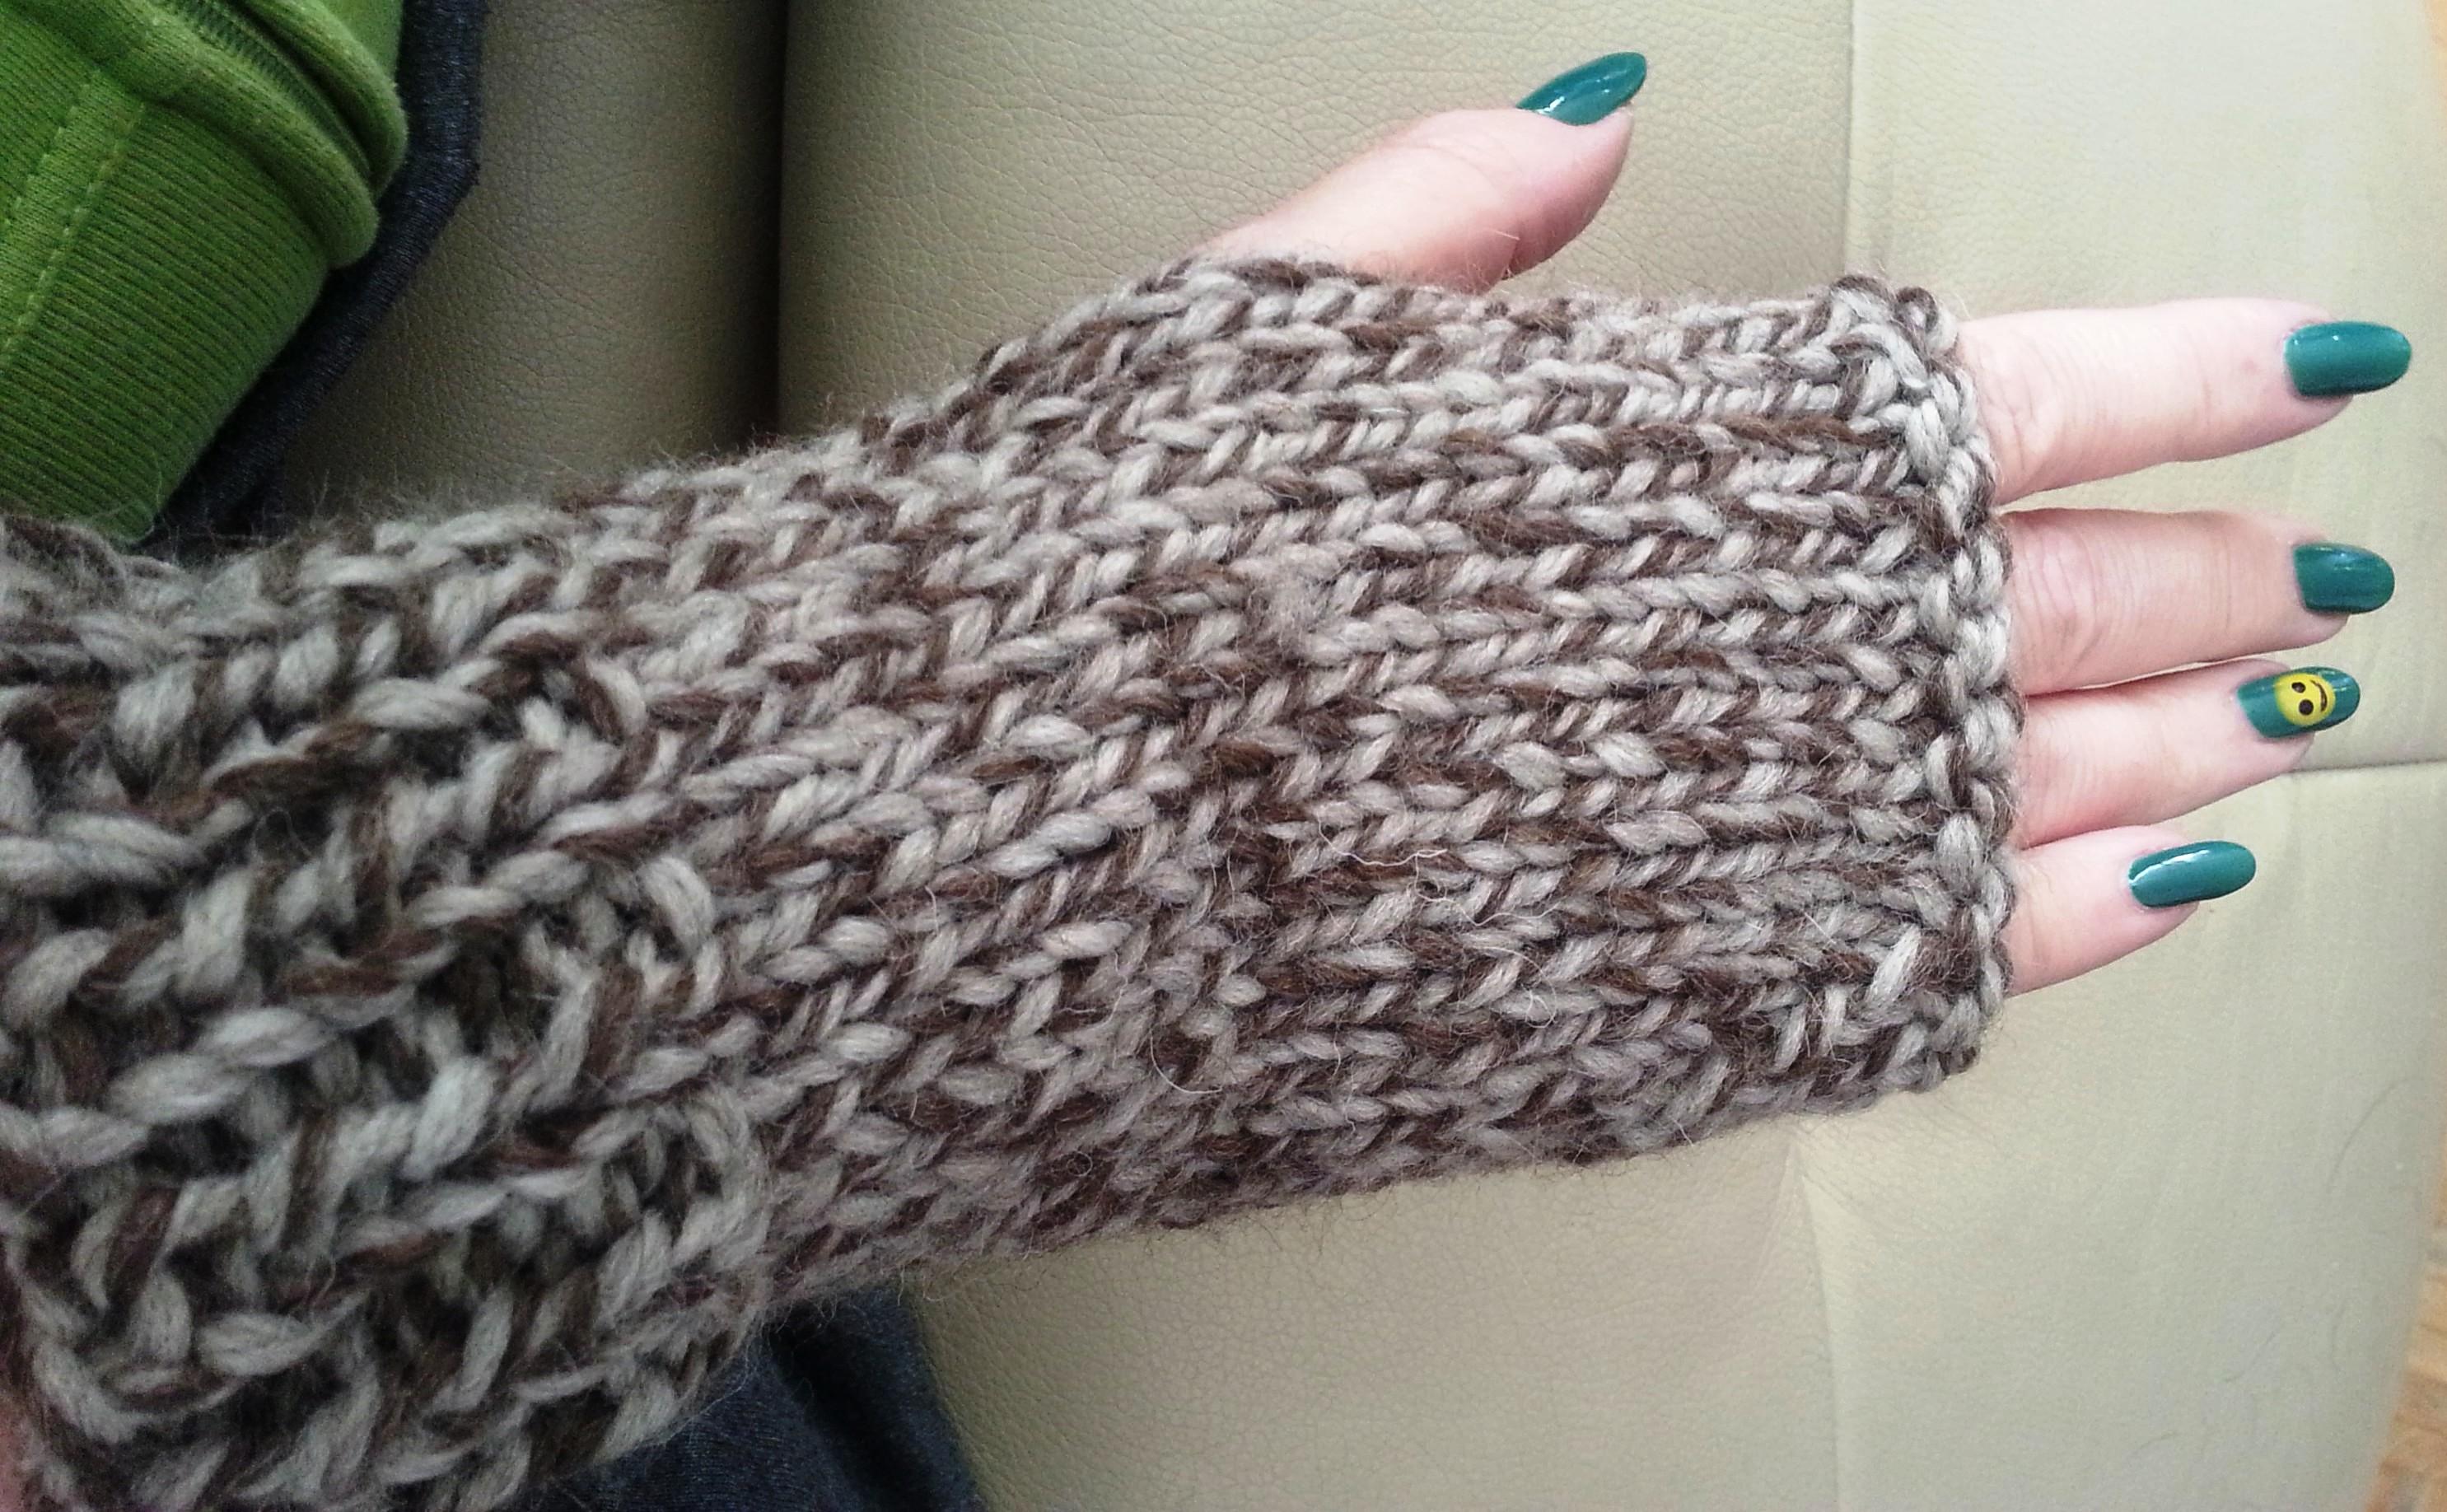 Mens Fingerless Gloves Knit Pattern 48 Knitting Patterns For Fingerless Gloves Guide Patterns